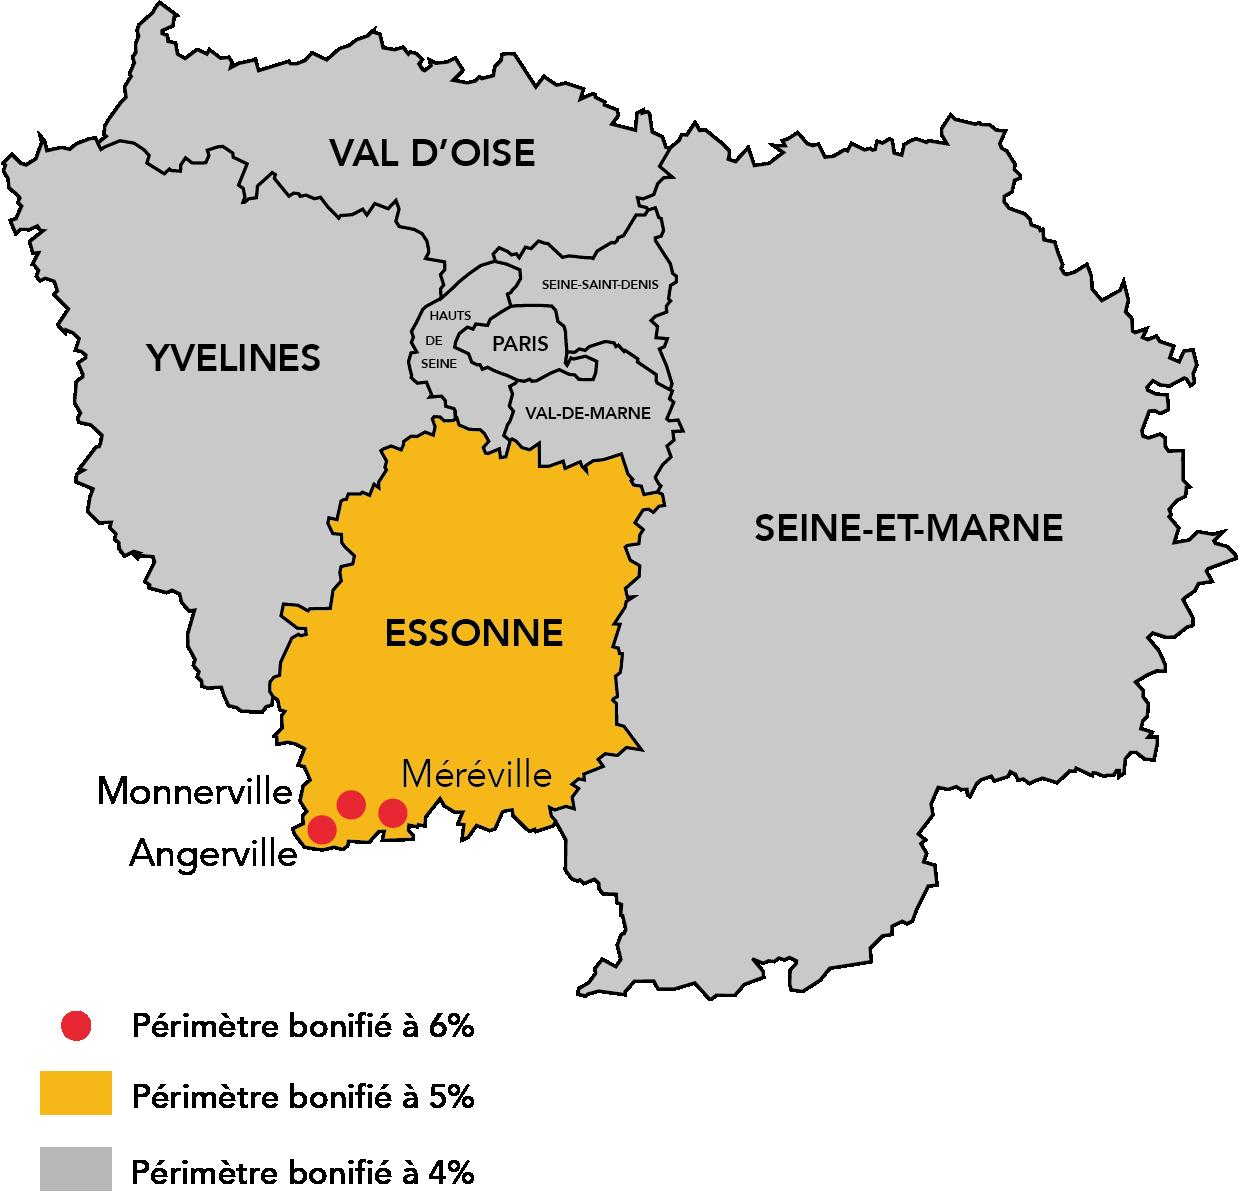 Carte des territoires éligibles